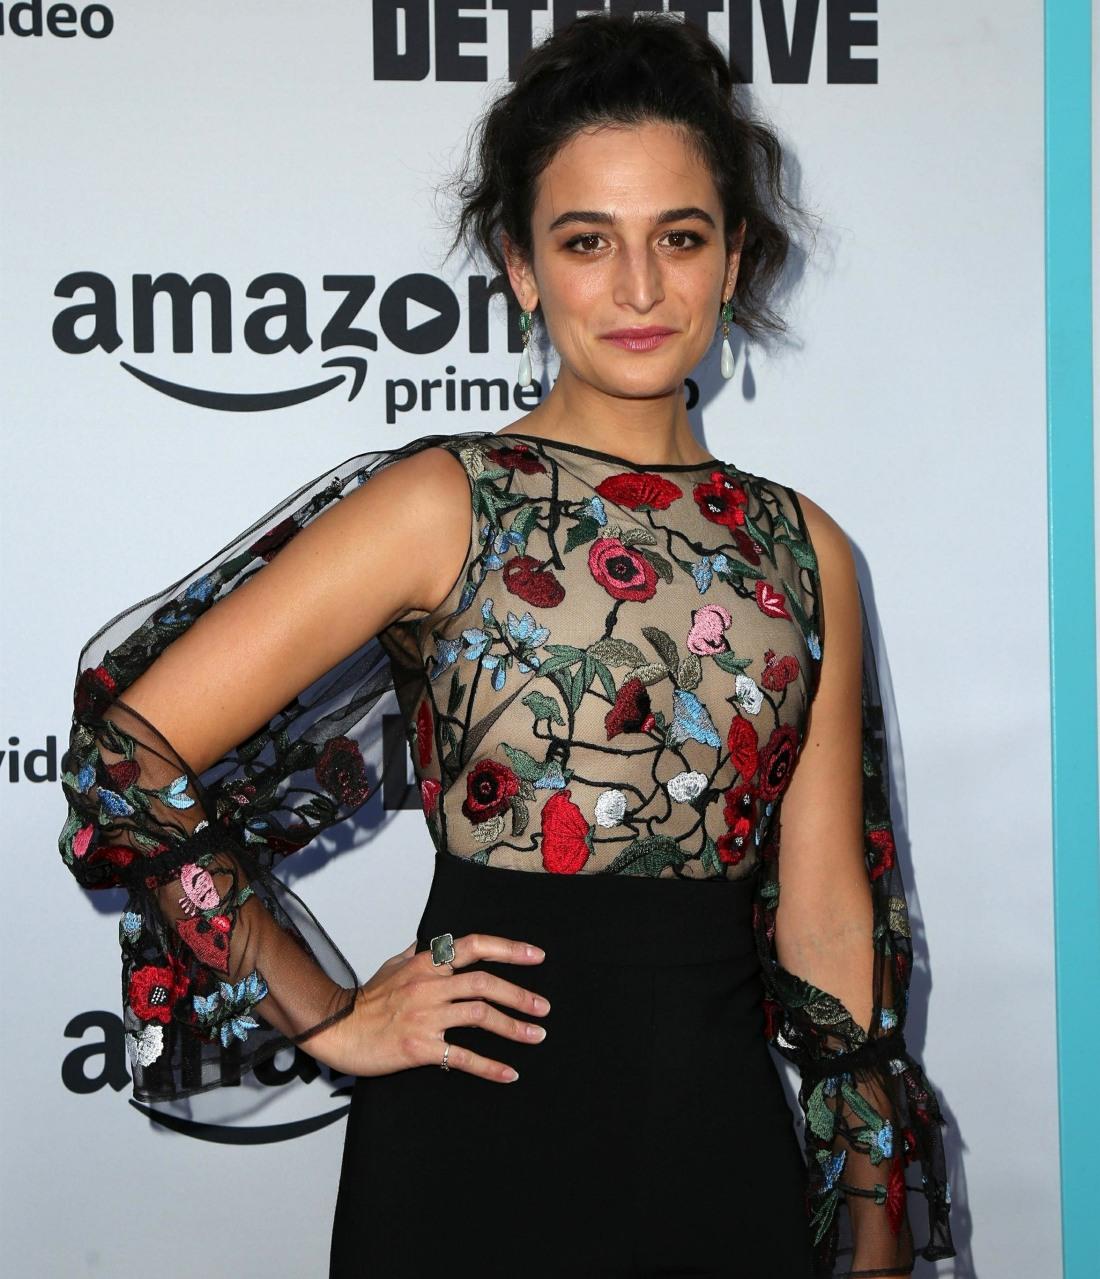 Stars attend the Premiere of Amazon's 'Comrade Detective'